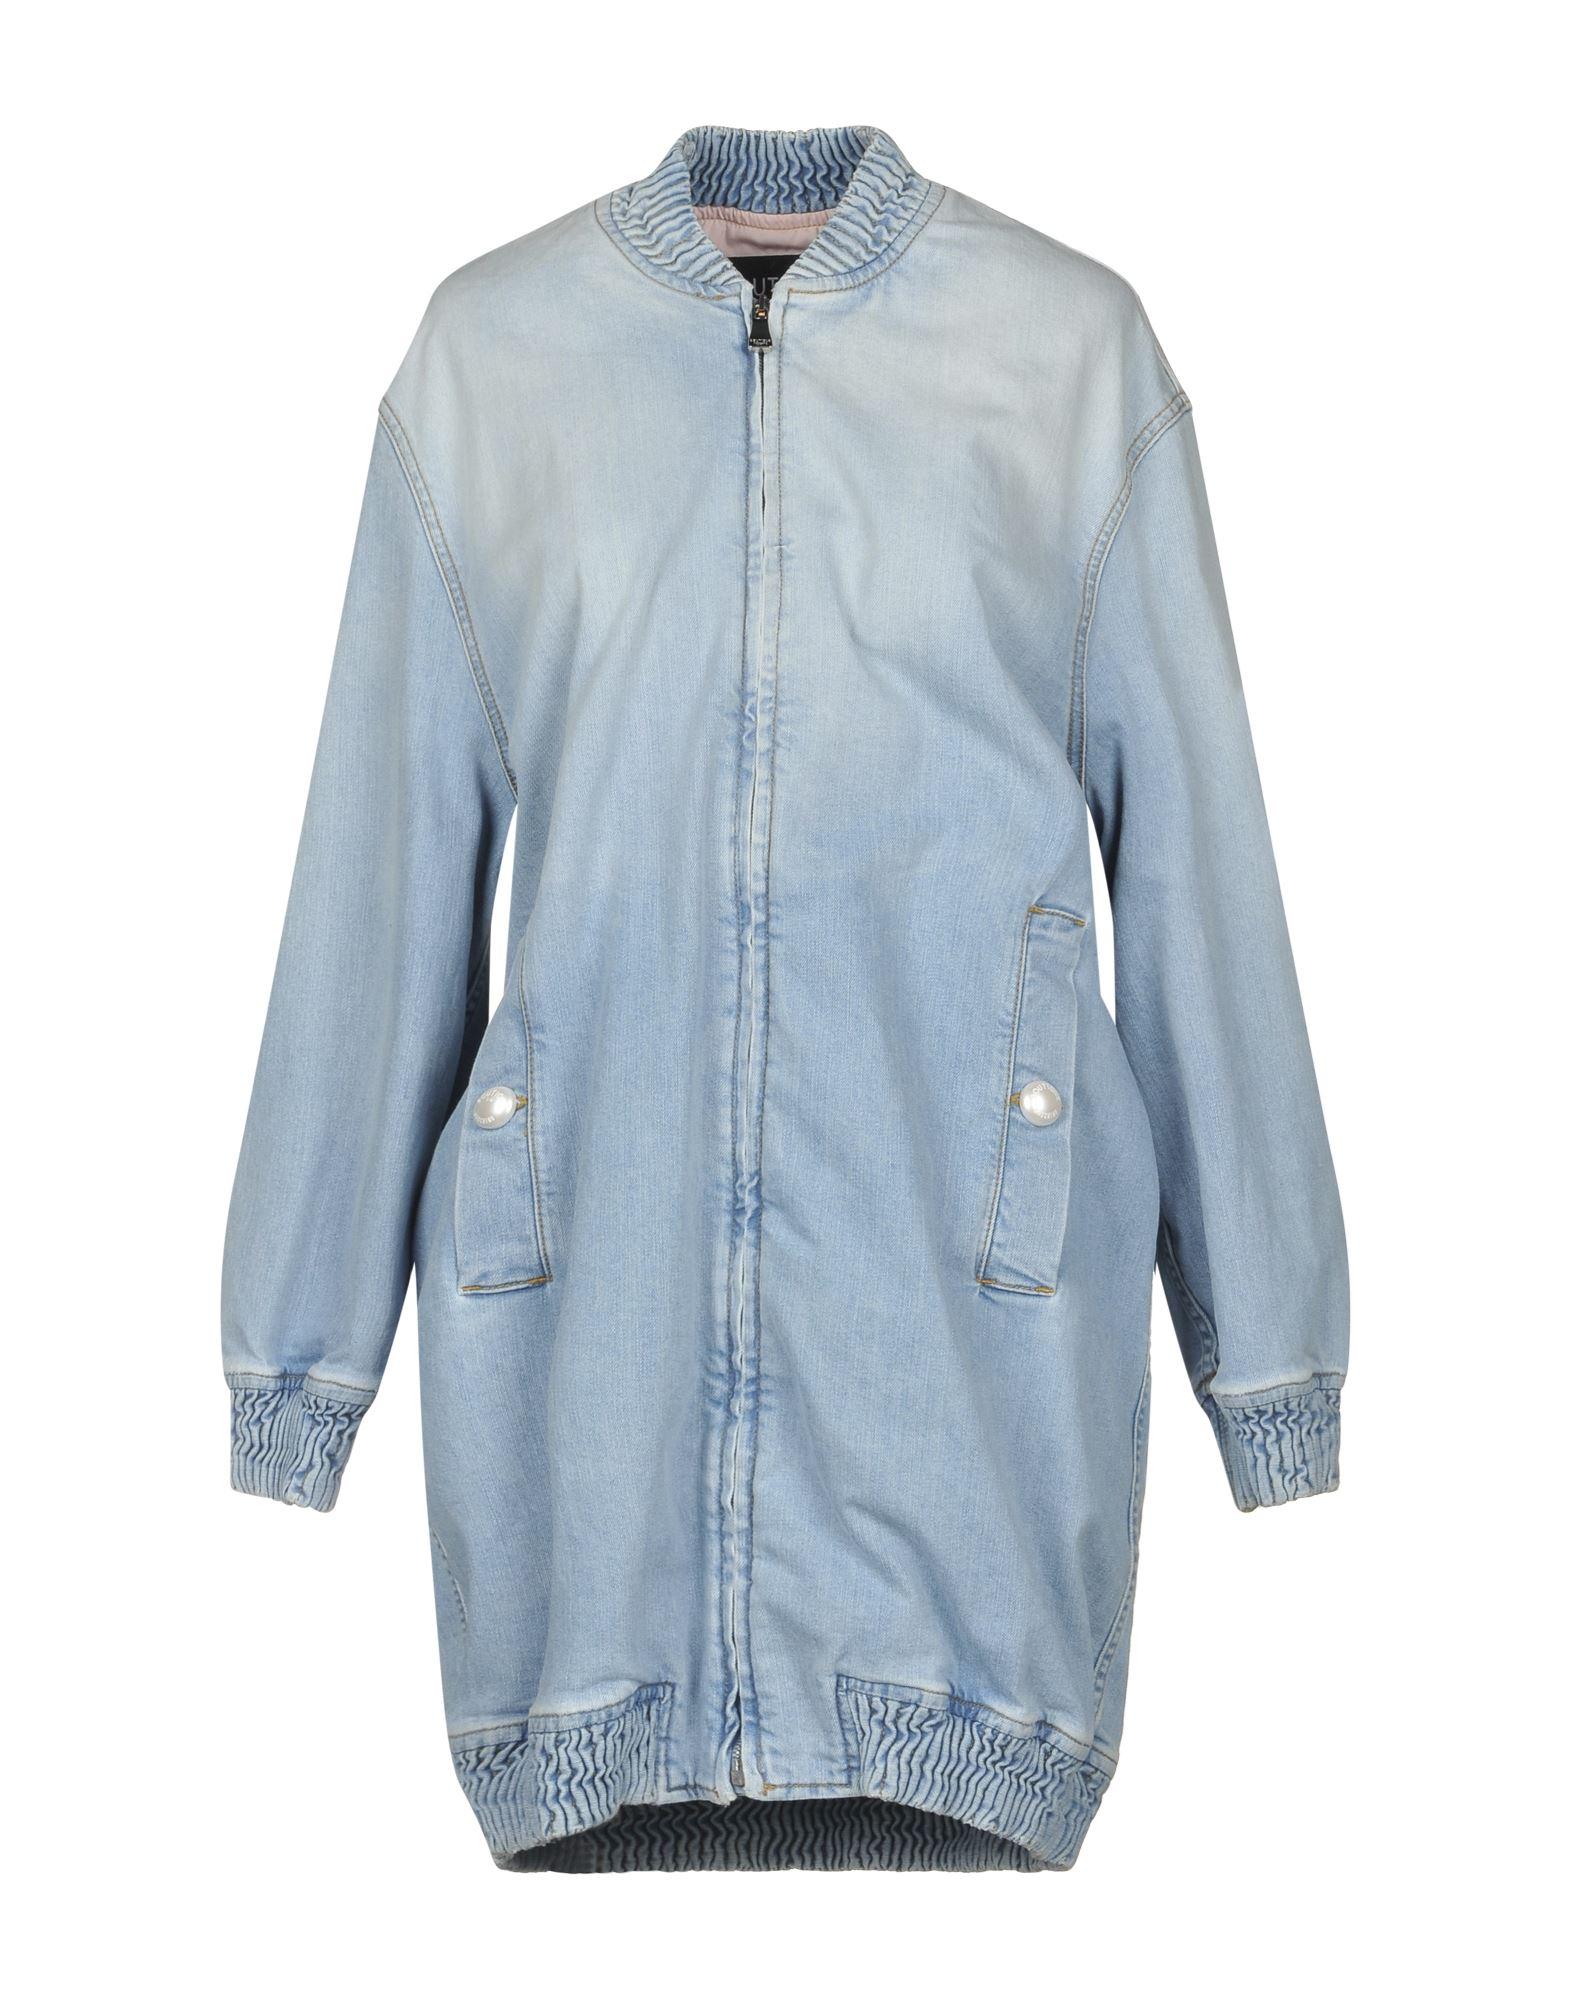 BOUTIQUE MOSCHINO Джинсовая верхняя одежда